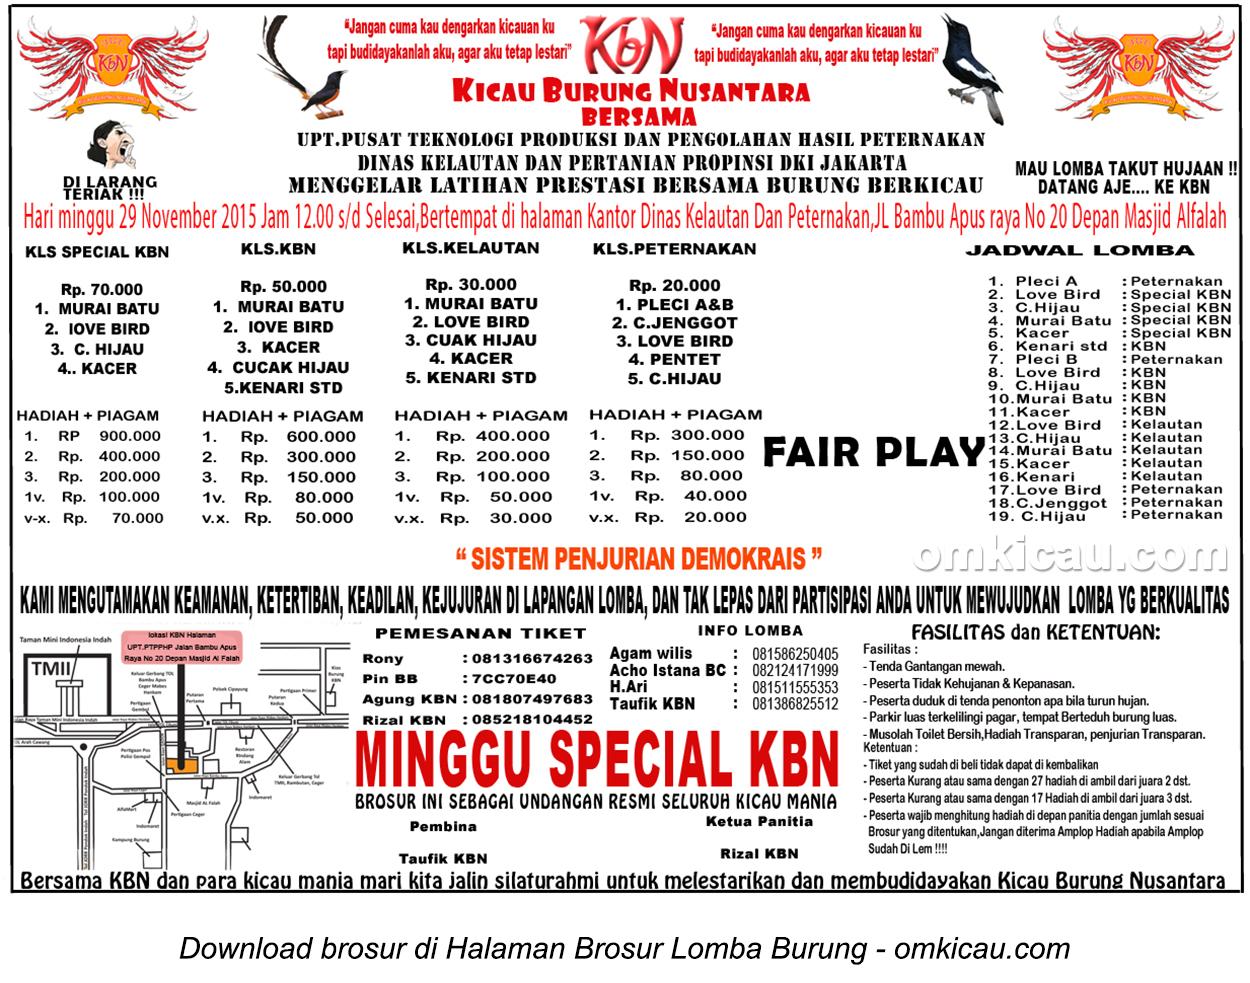 Brosur Latpres Kicau Burung Nusantara (KBN), Jakarta Timur, 28 November 2015